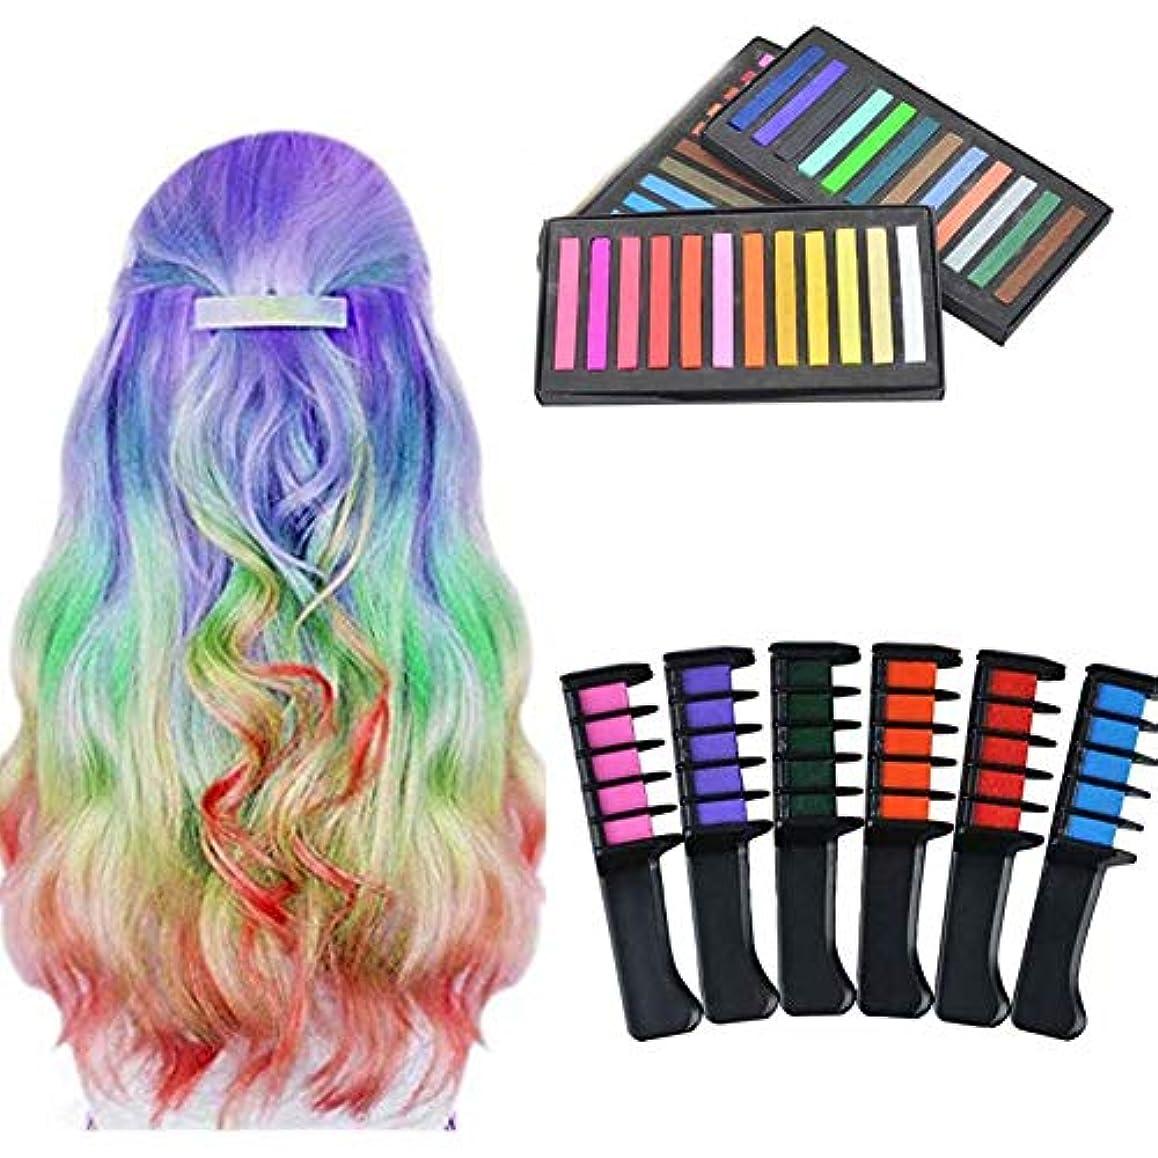 秋あいまいパパキッズパーティー洗える髪染めペットキット(6色+ 36色ヘアスティック)のための髪染料チョーク櫛一時的な色